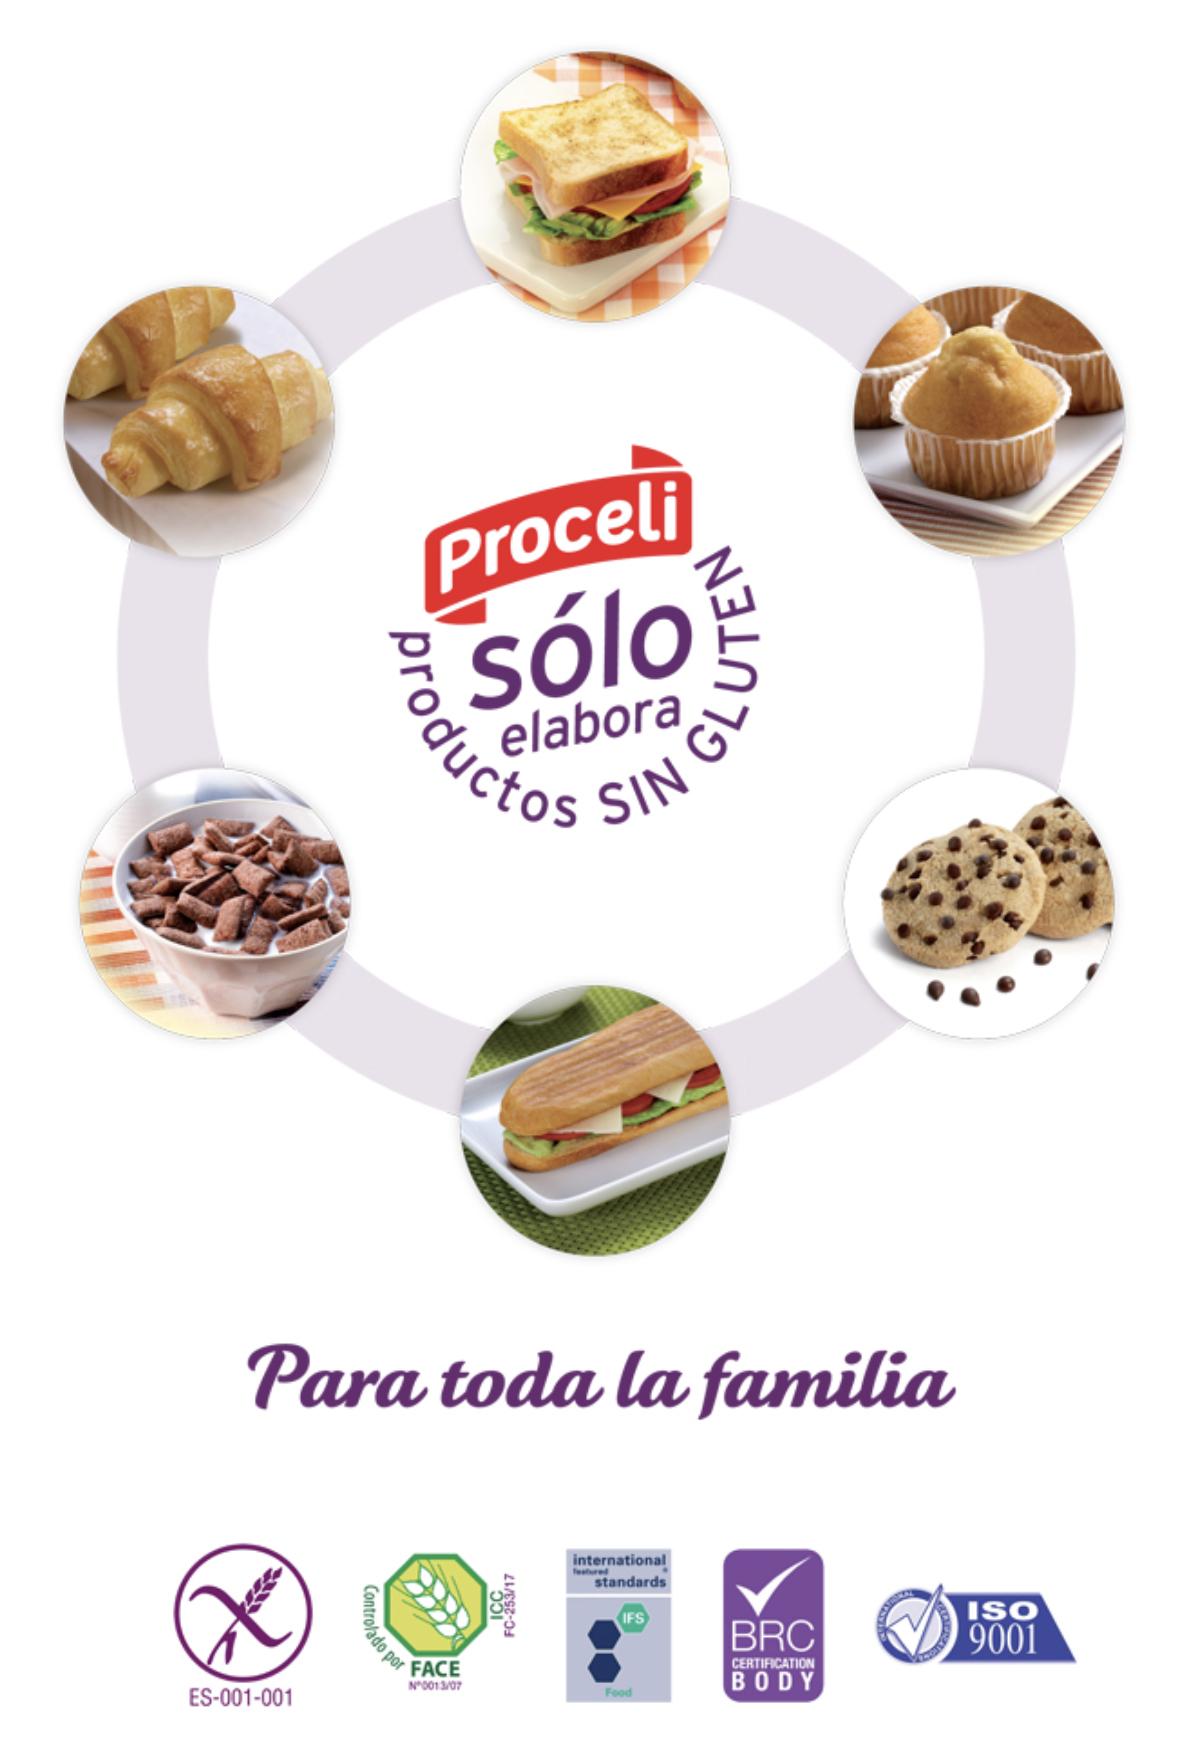 Solo sin gluten con Proceli